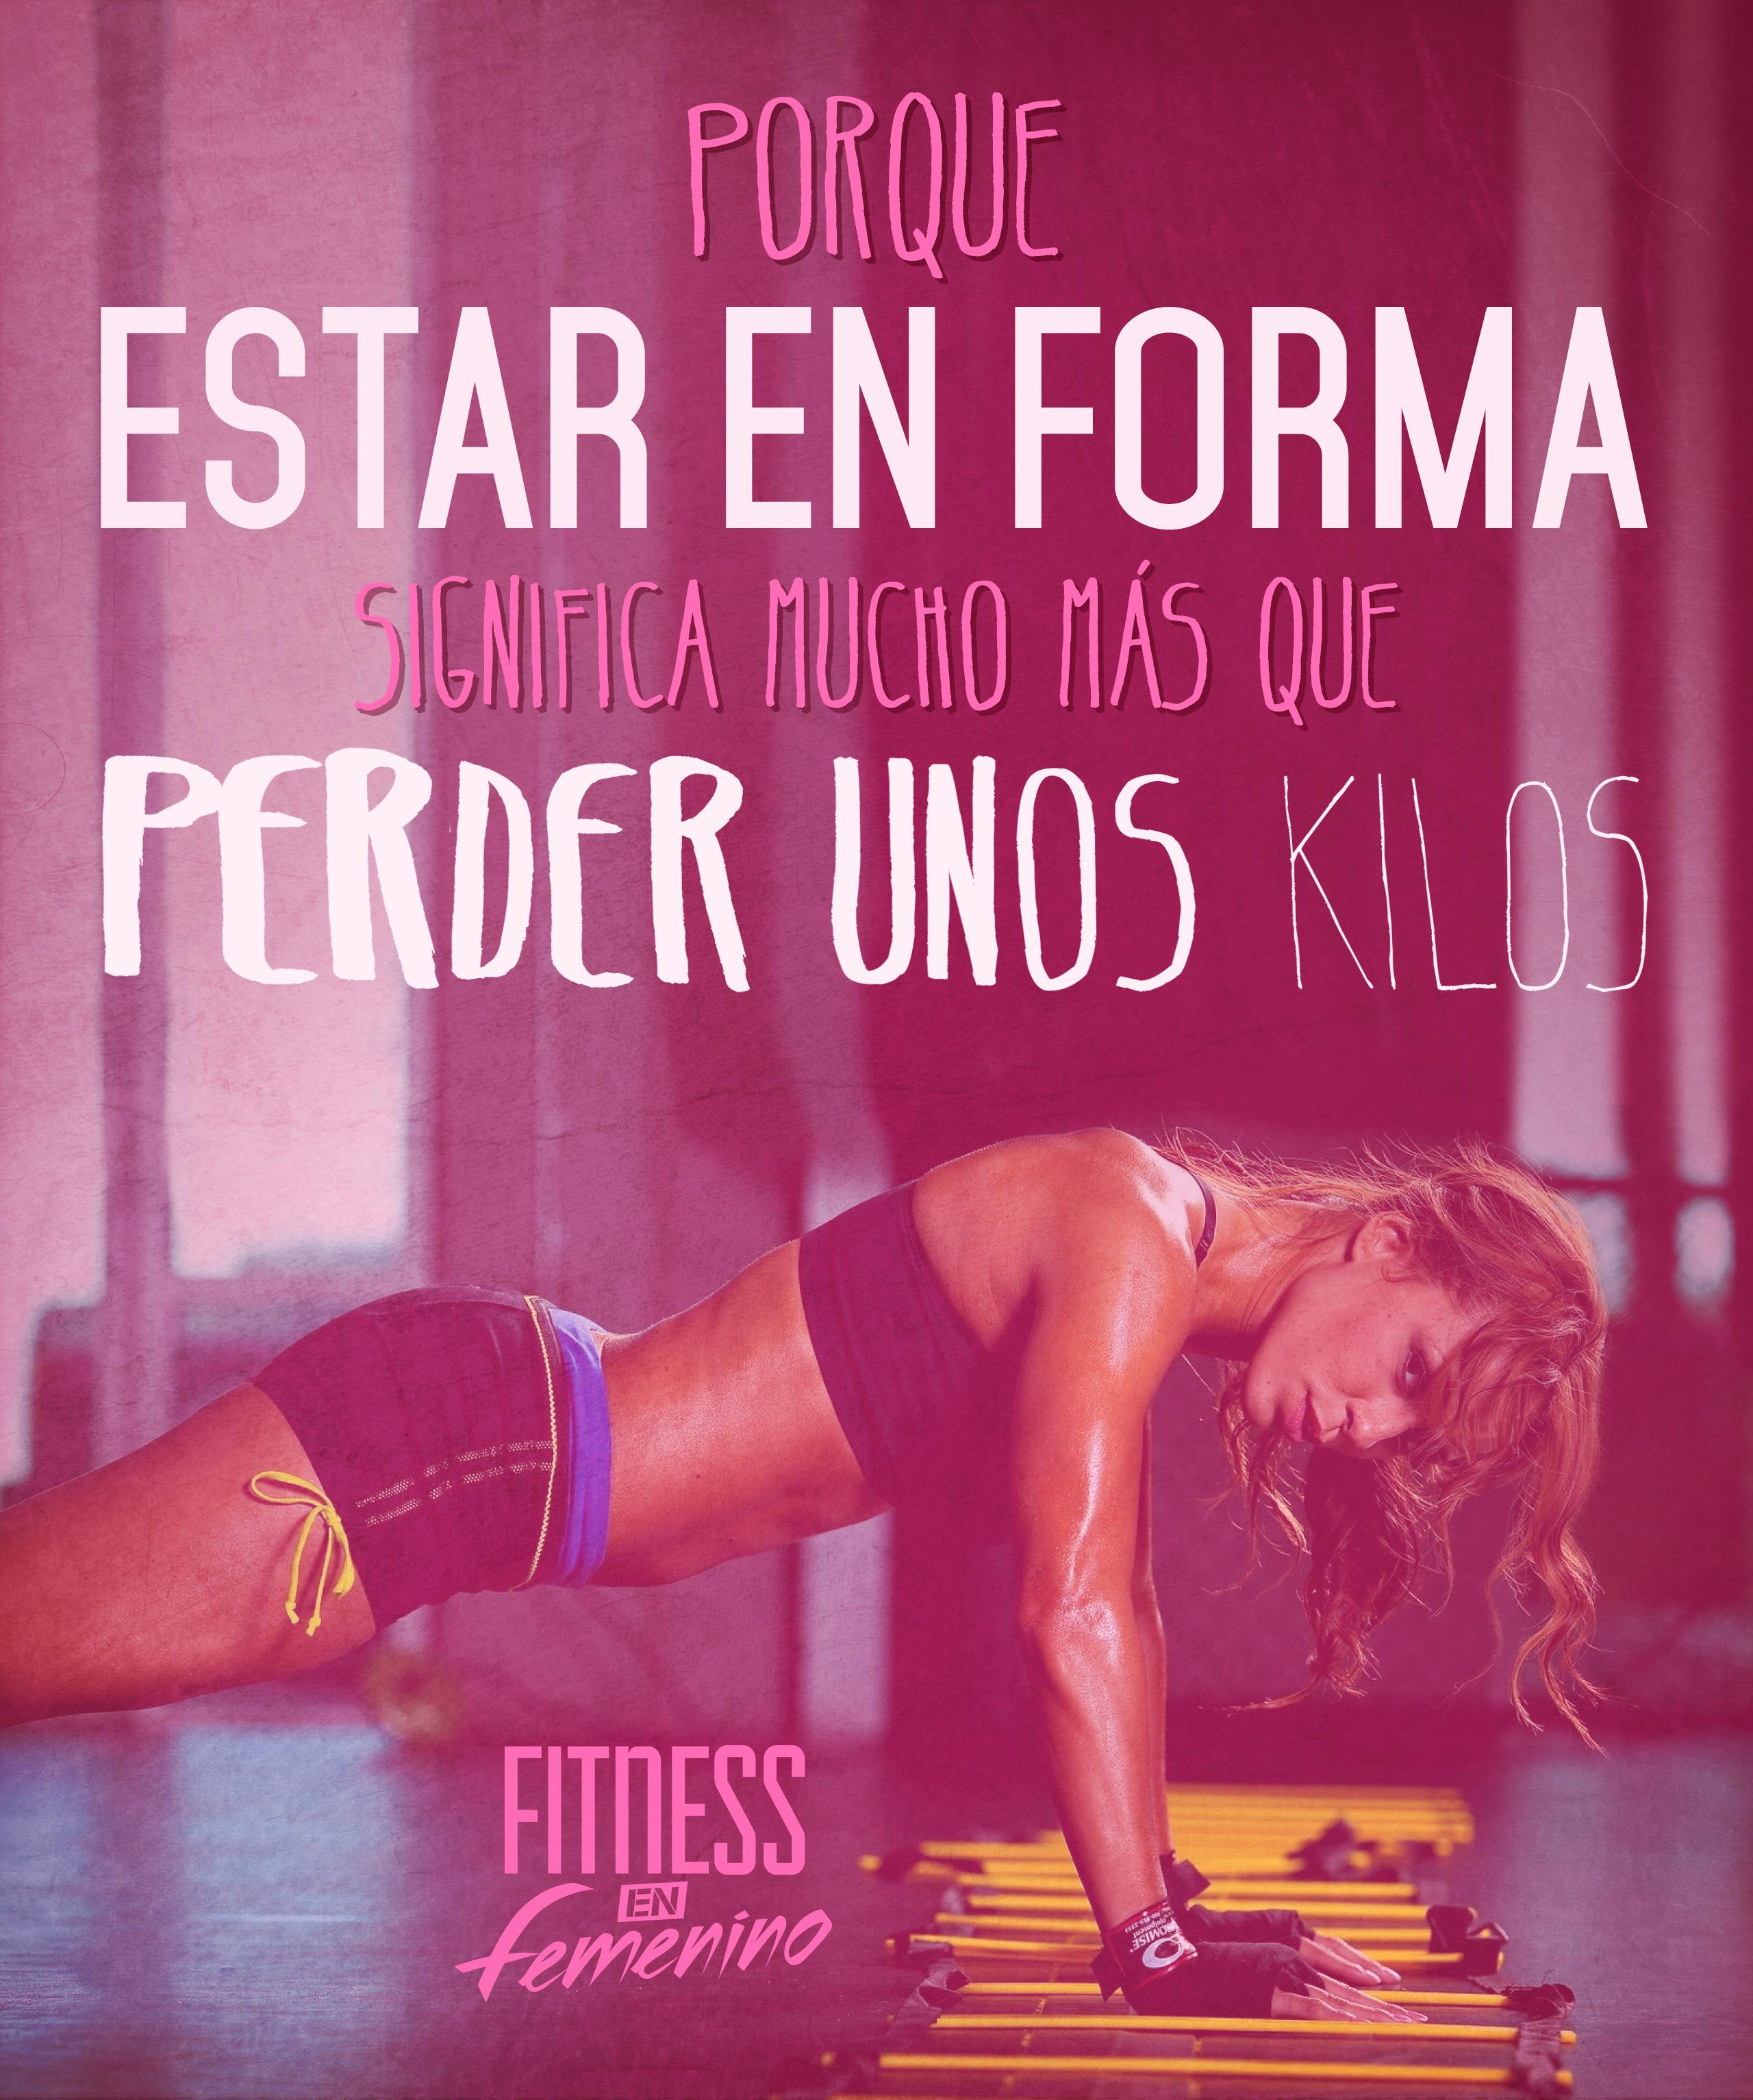 Porque estar en forma significa mucho m s que perder unos for Que significa gym